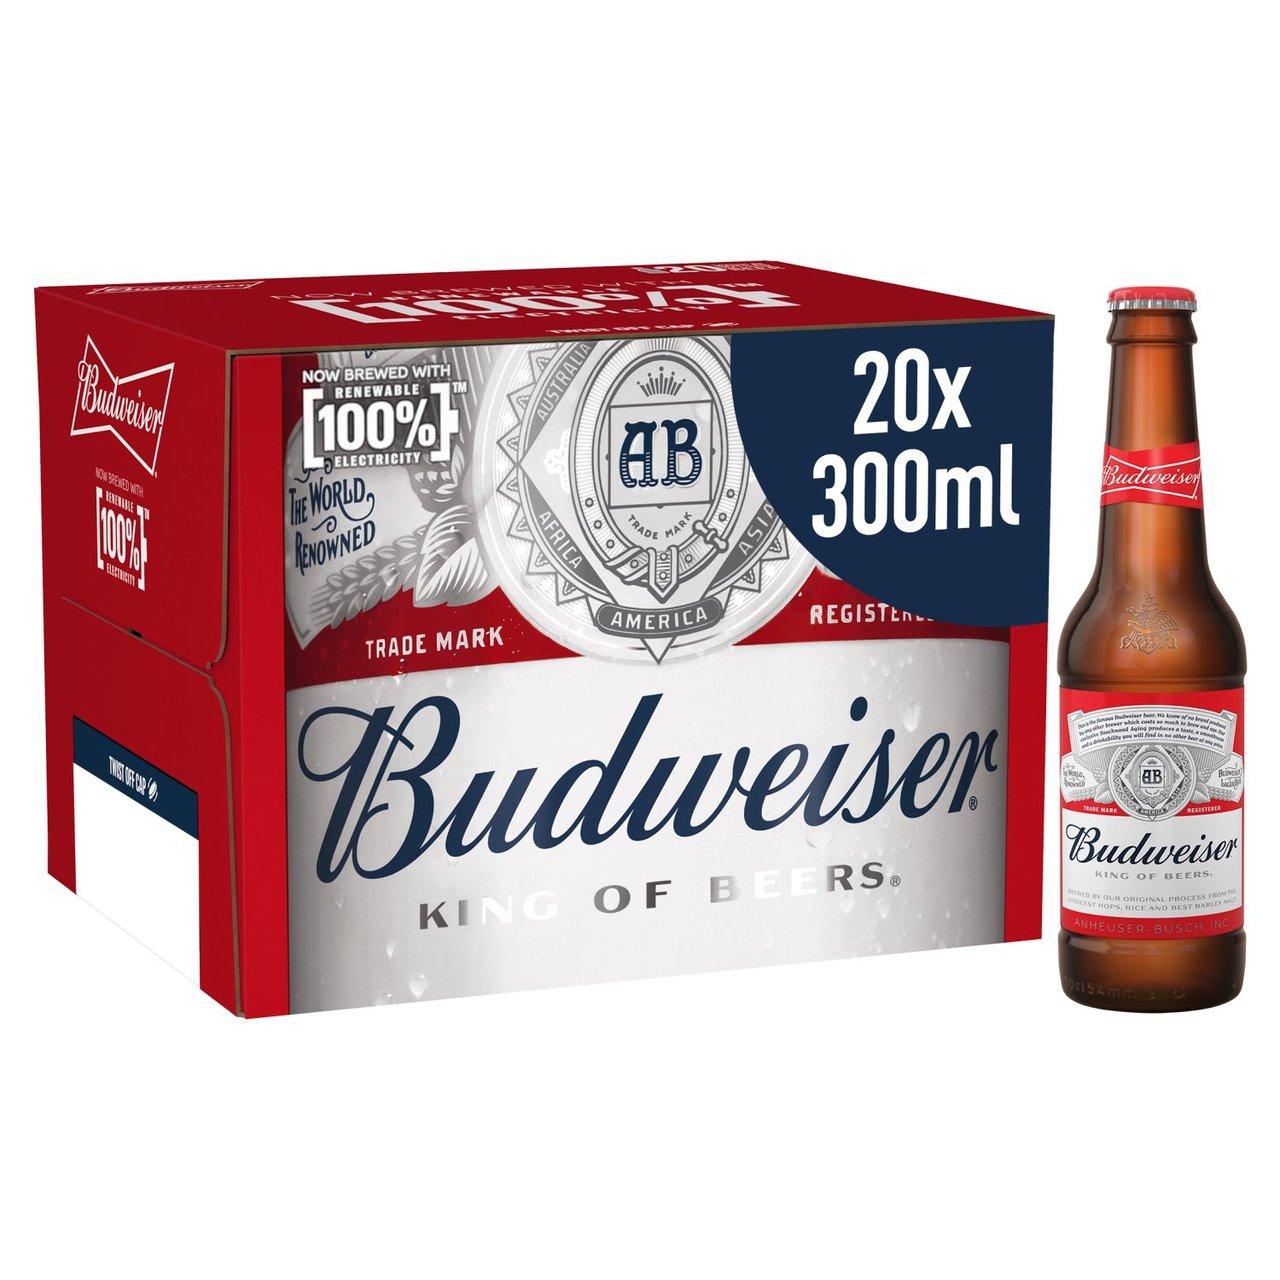 Budweiser Lager Beer Bottles 20 x 300ml - £9.99 @ Morrisons